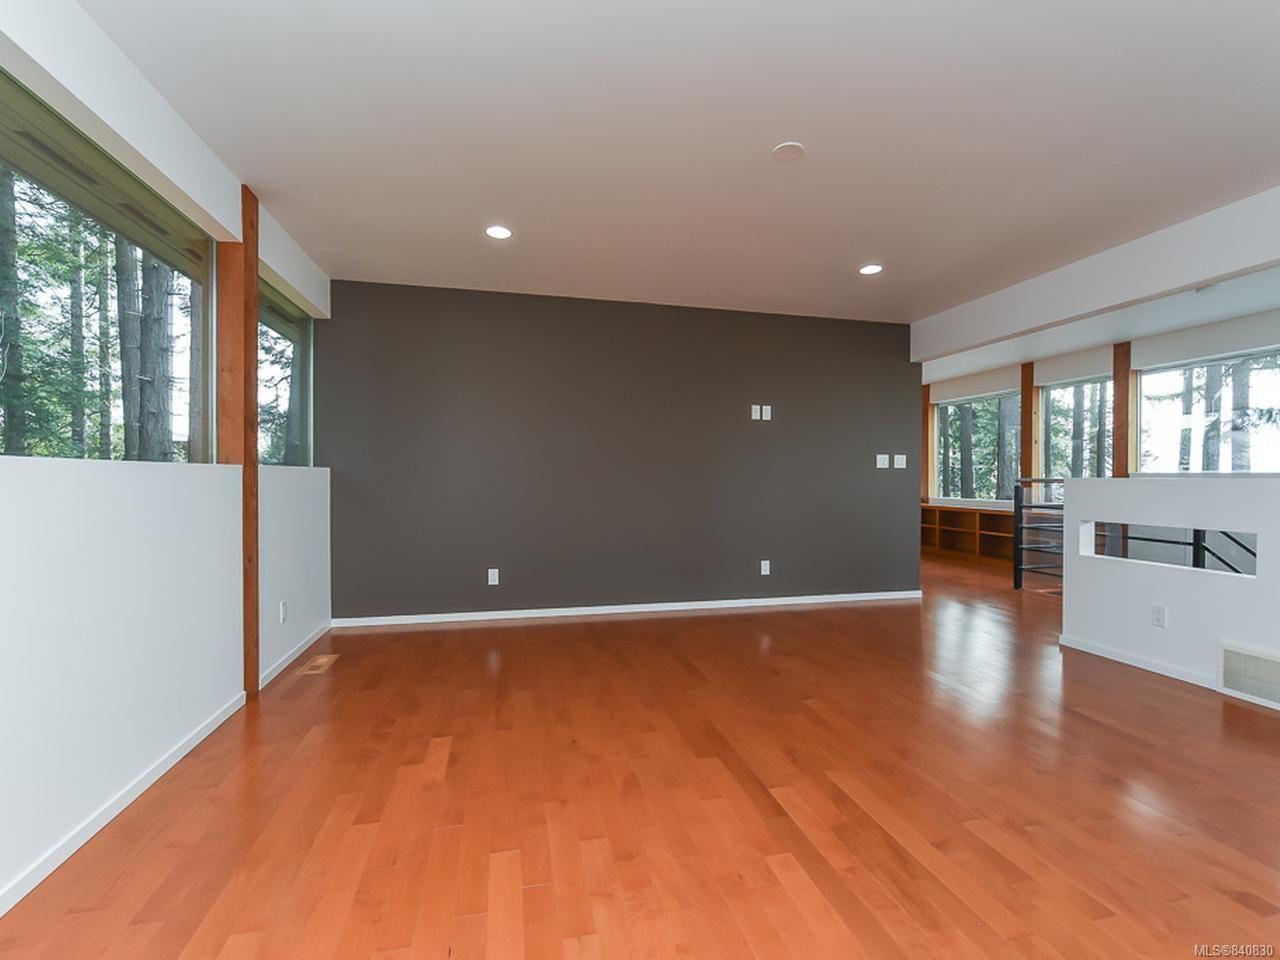 Photo 34: Photos: 1156 Moore Rd in COMOX: CV Comox Peninsula House for sale (Comox Valley)  : MLS®# 840830